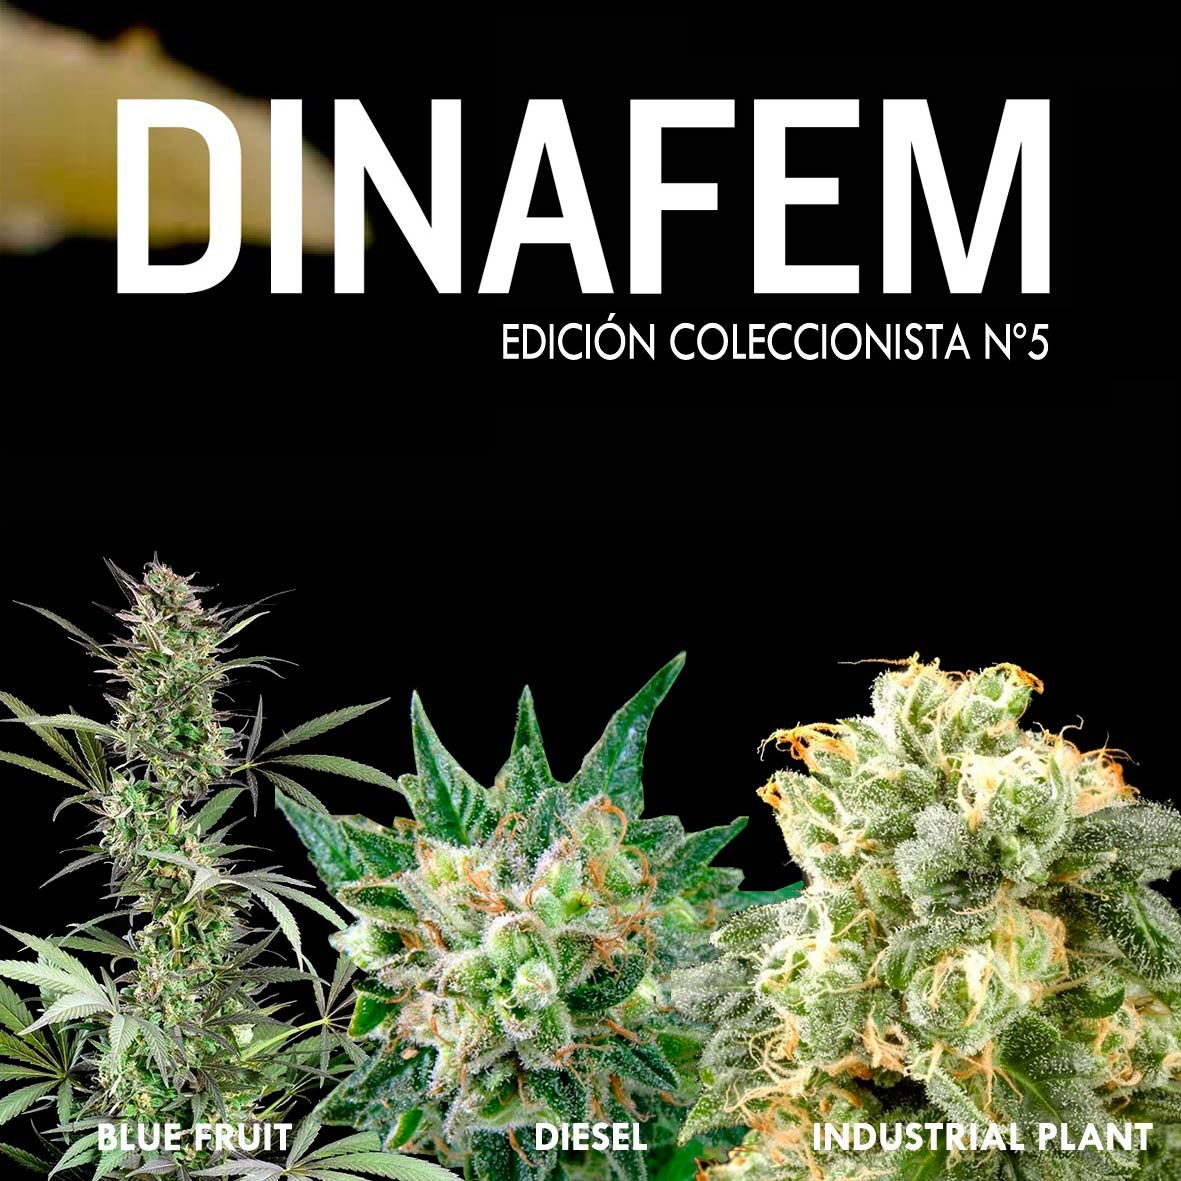 Dinafem collector # 5 6 graines